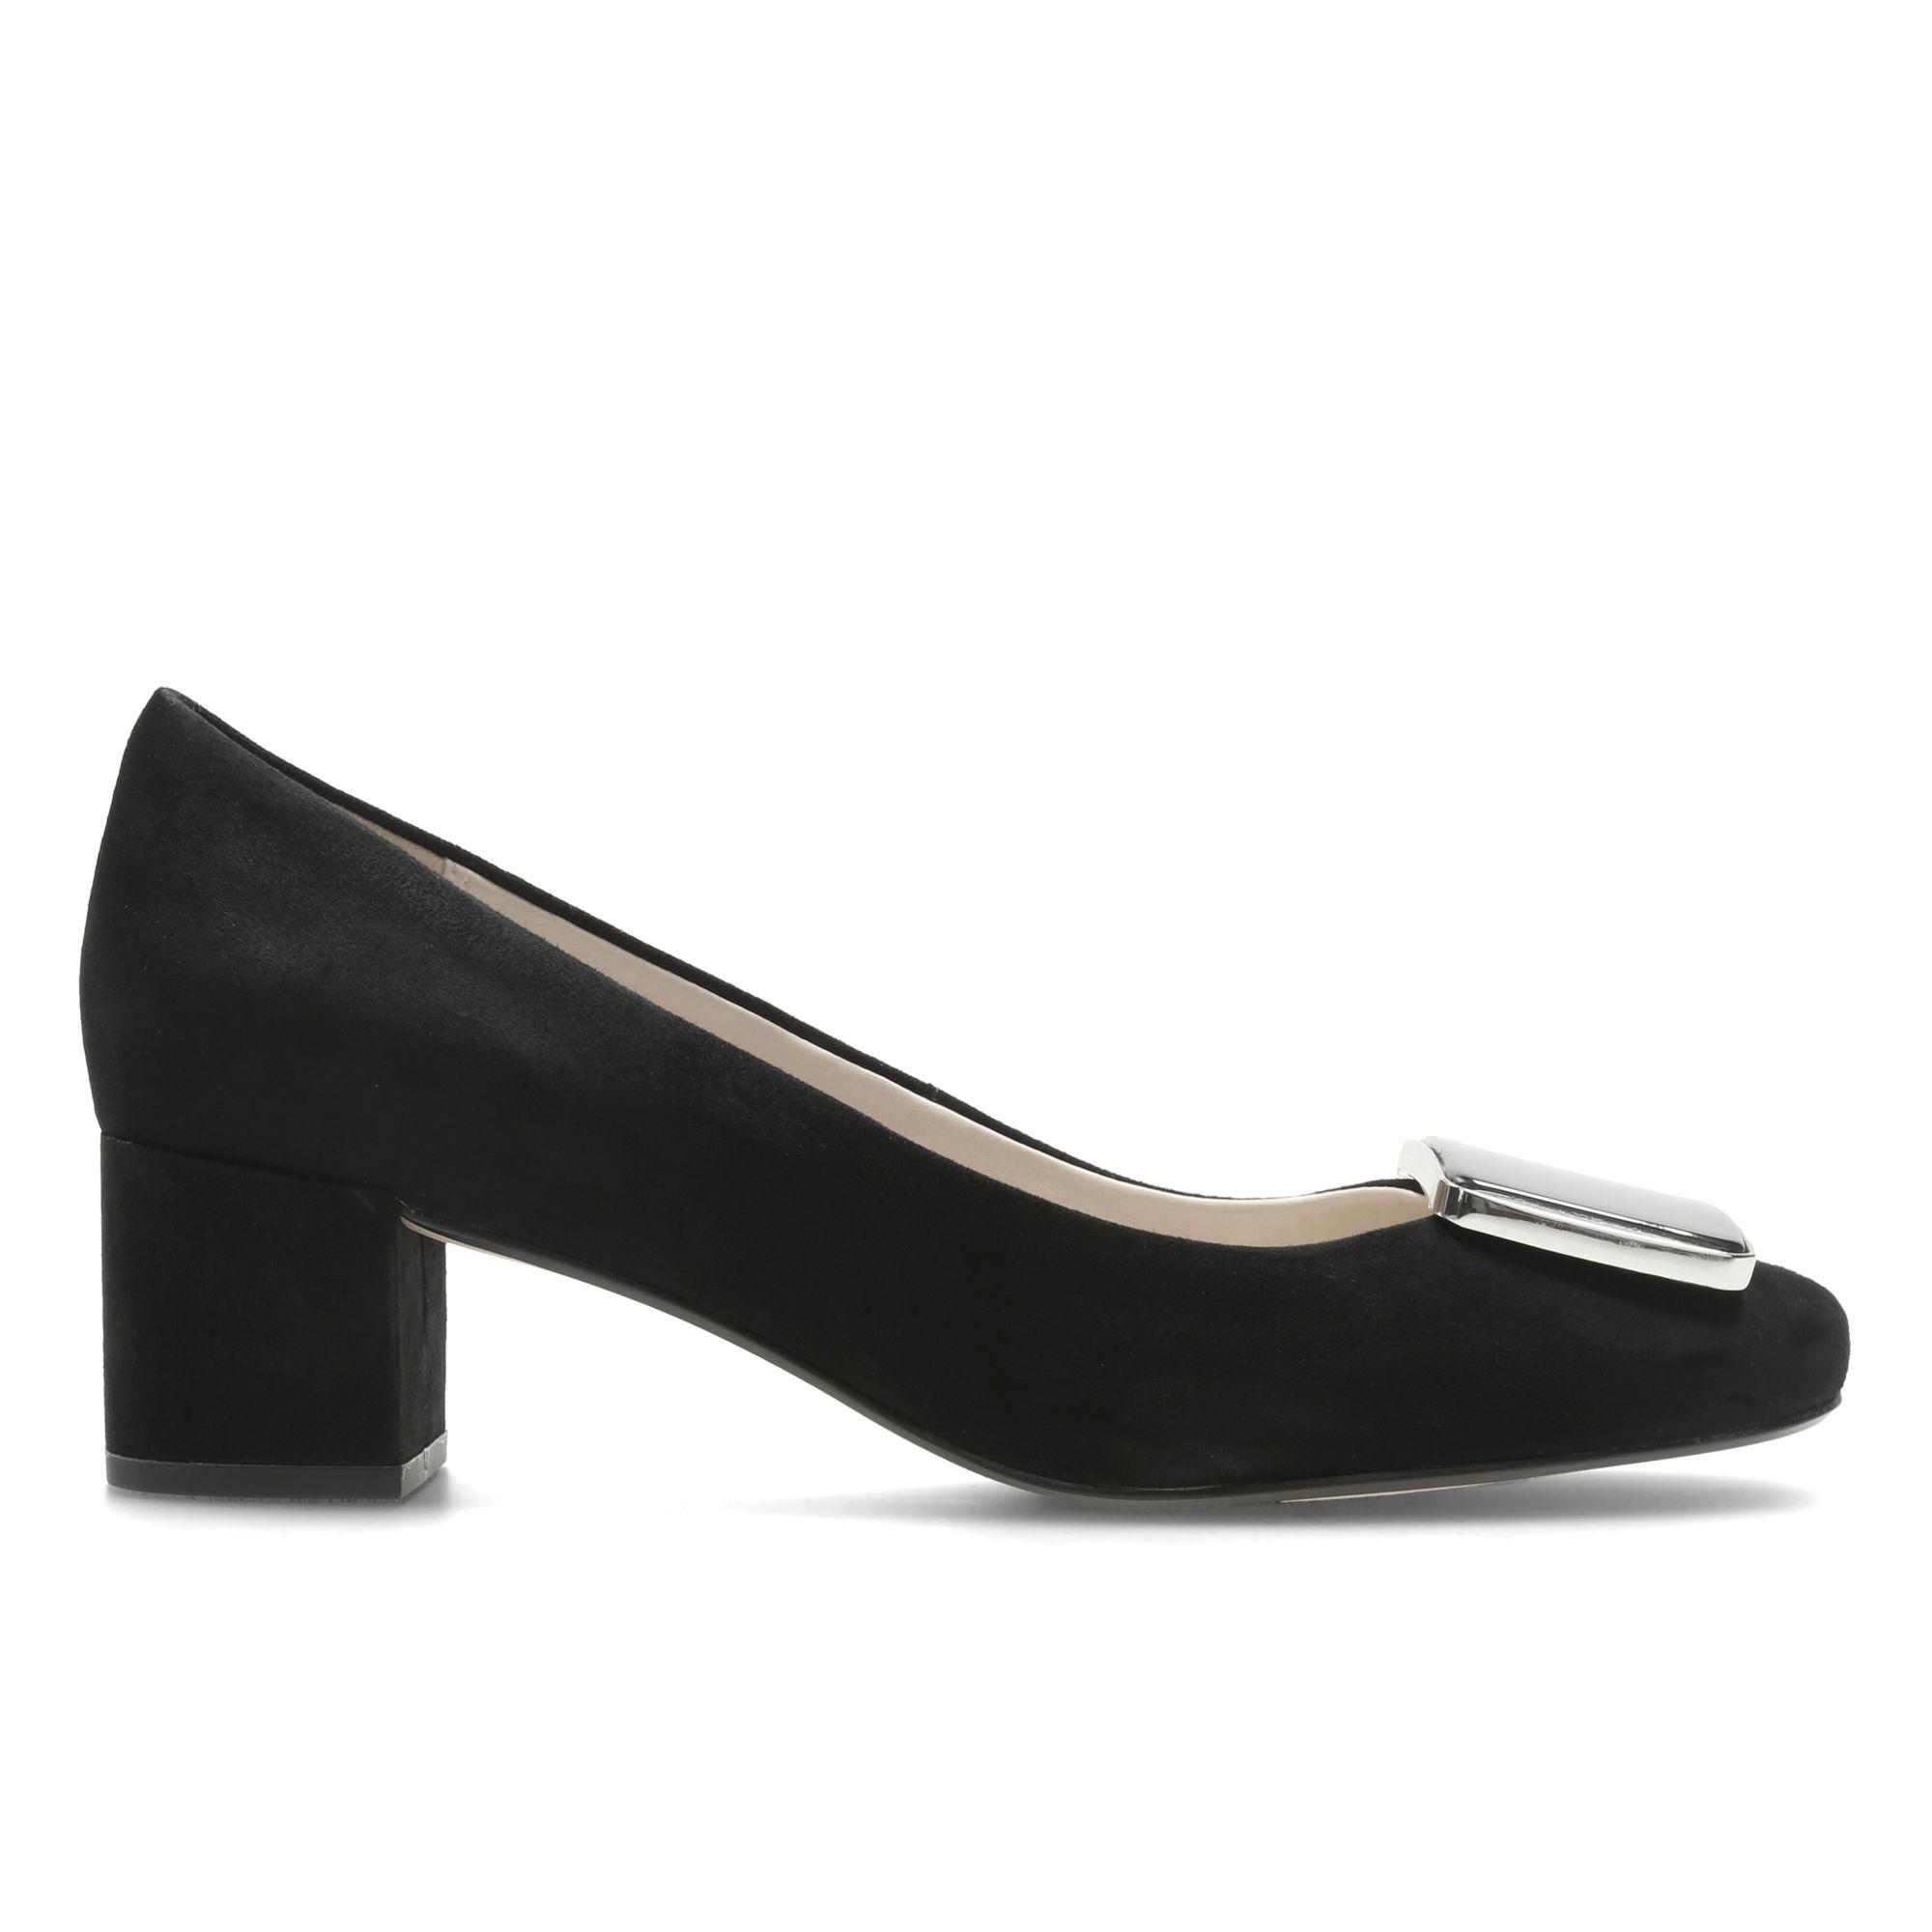 Zapatos mujer Chinaberry Fun: Tiendas Notizalia